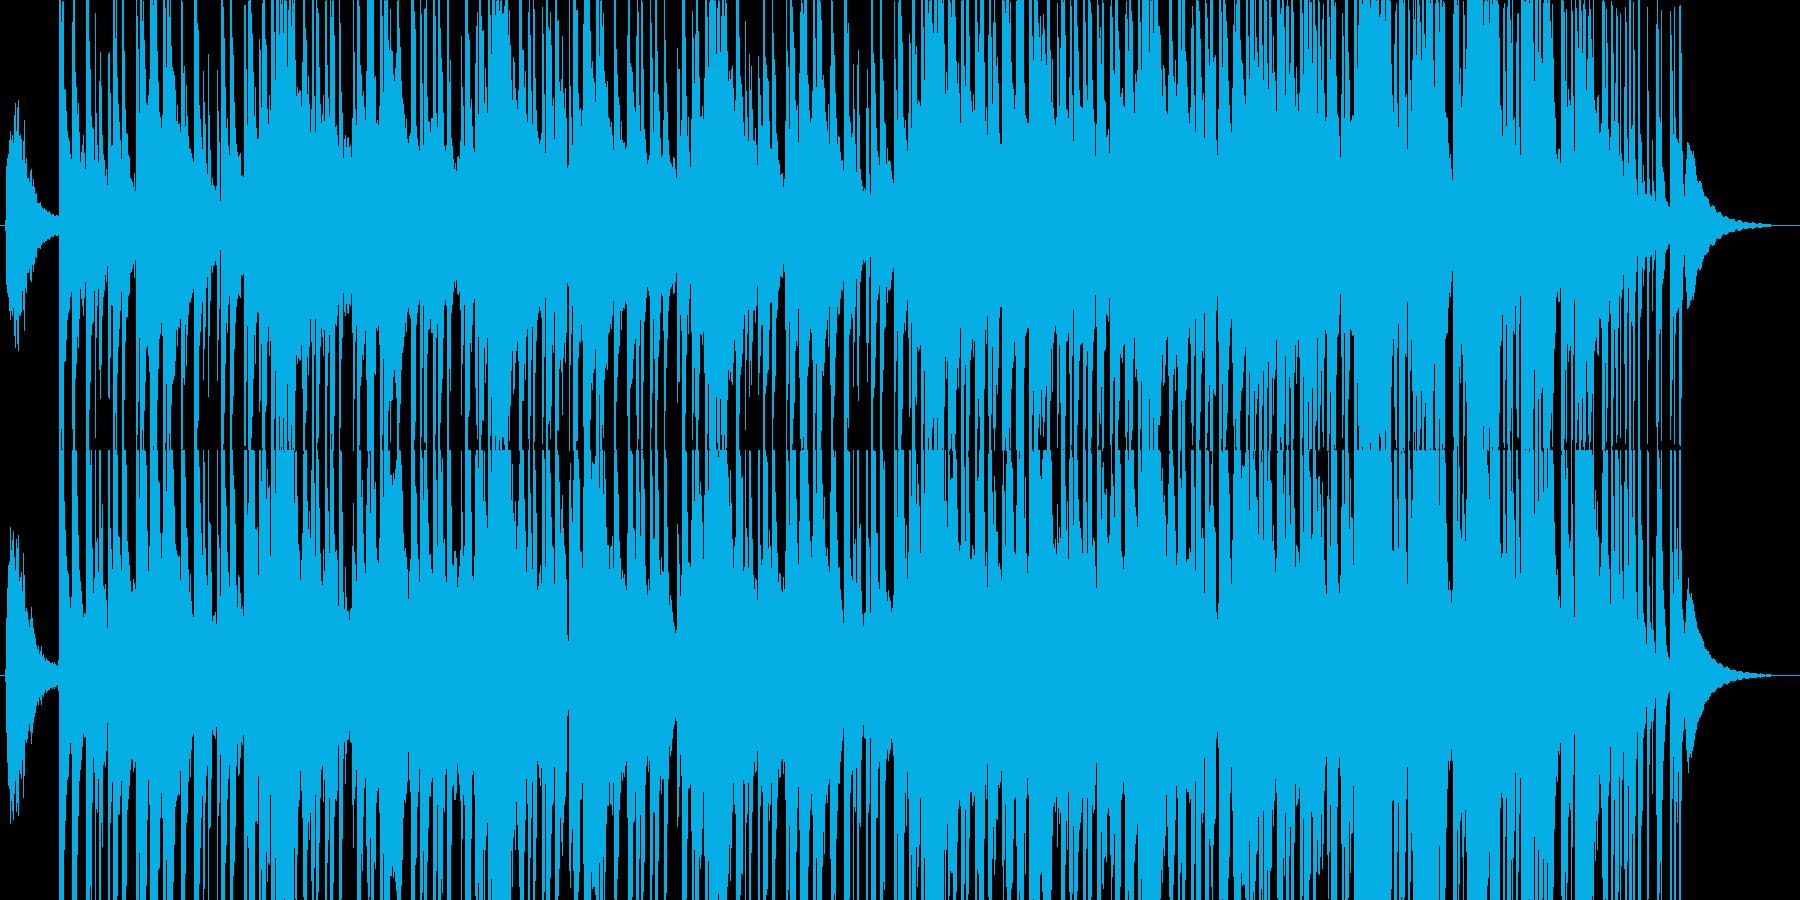 祭りで流れような和風音頭の再生済みの波形